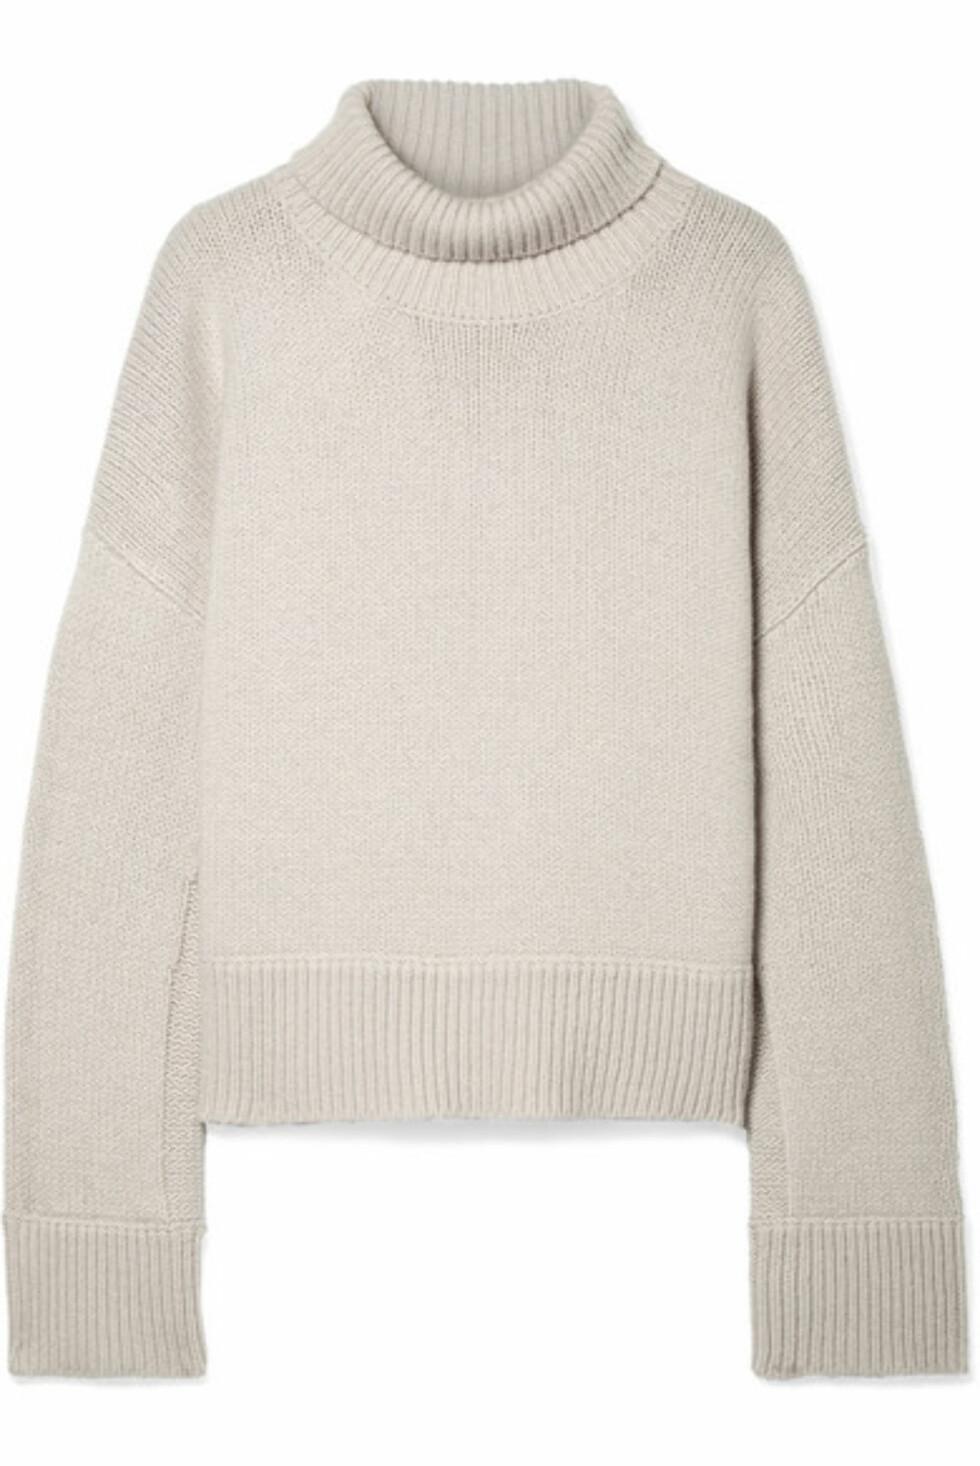 Genser fra By Malene Birger |2800,-| https://www.net-a-porter.com/no/en/product/991828/By_Malene_Birger/jaquee-oversized-merino-wool-blend-turtleneck-sweater